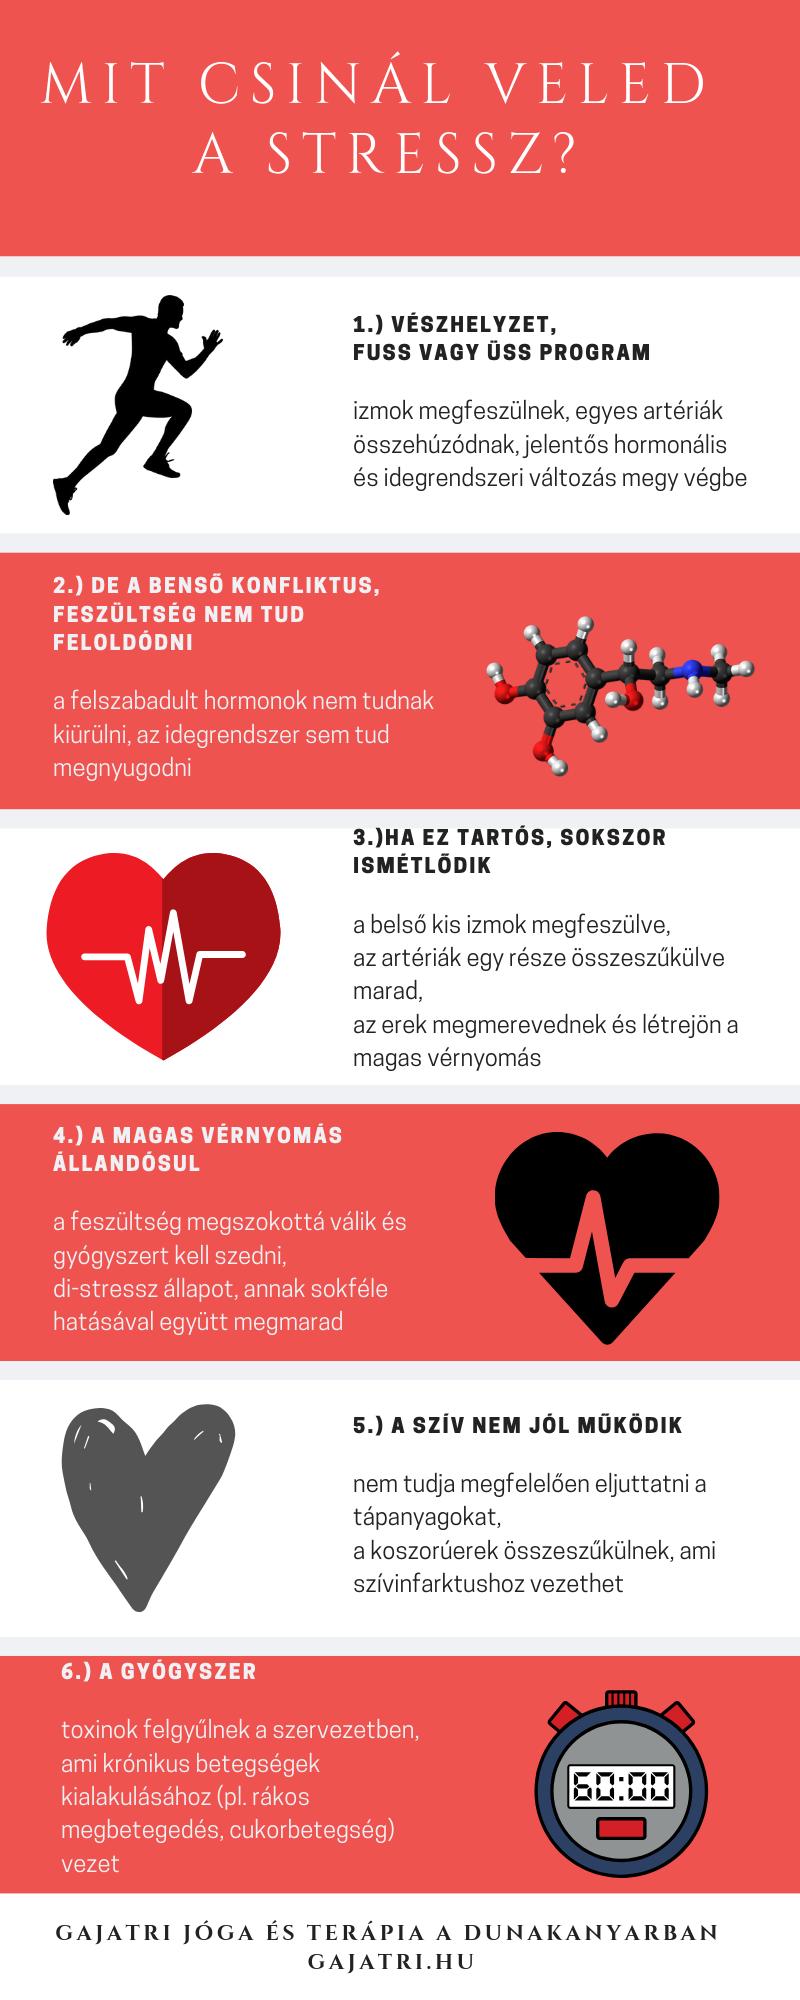 magas vérnyomás betegség gyakorlása)